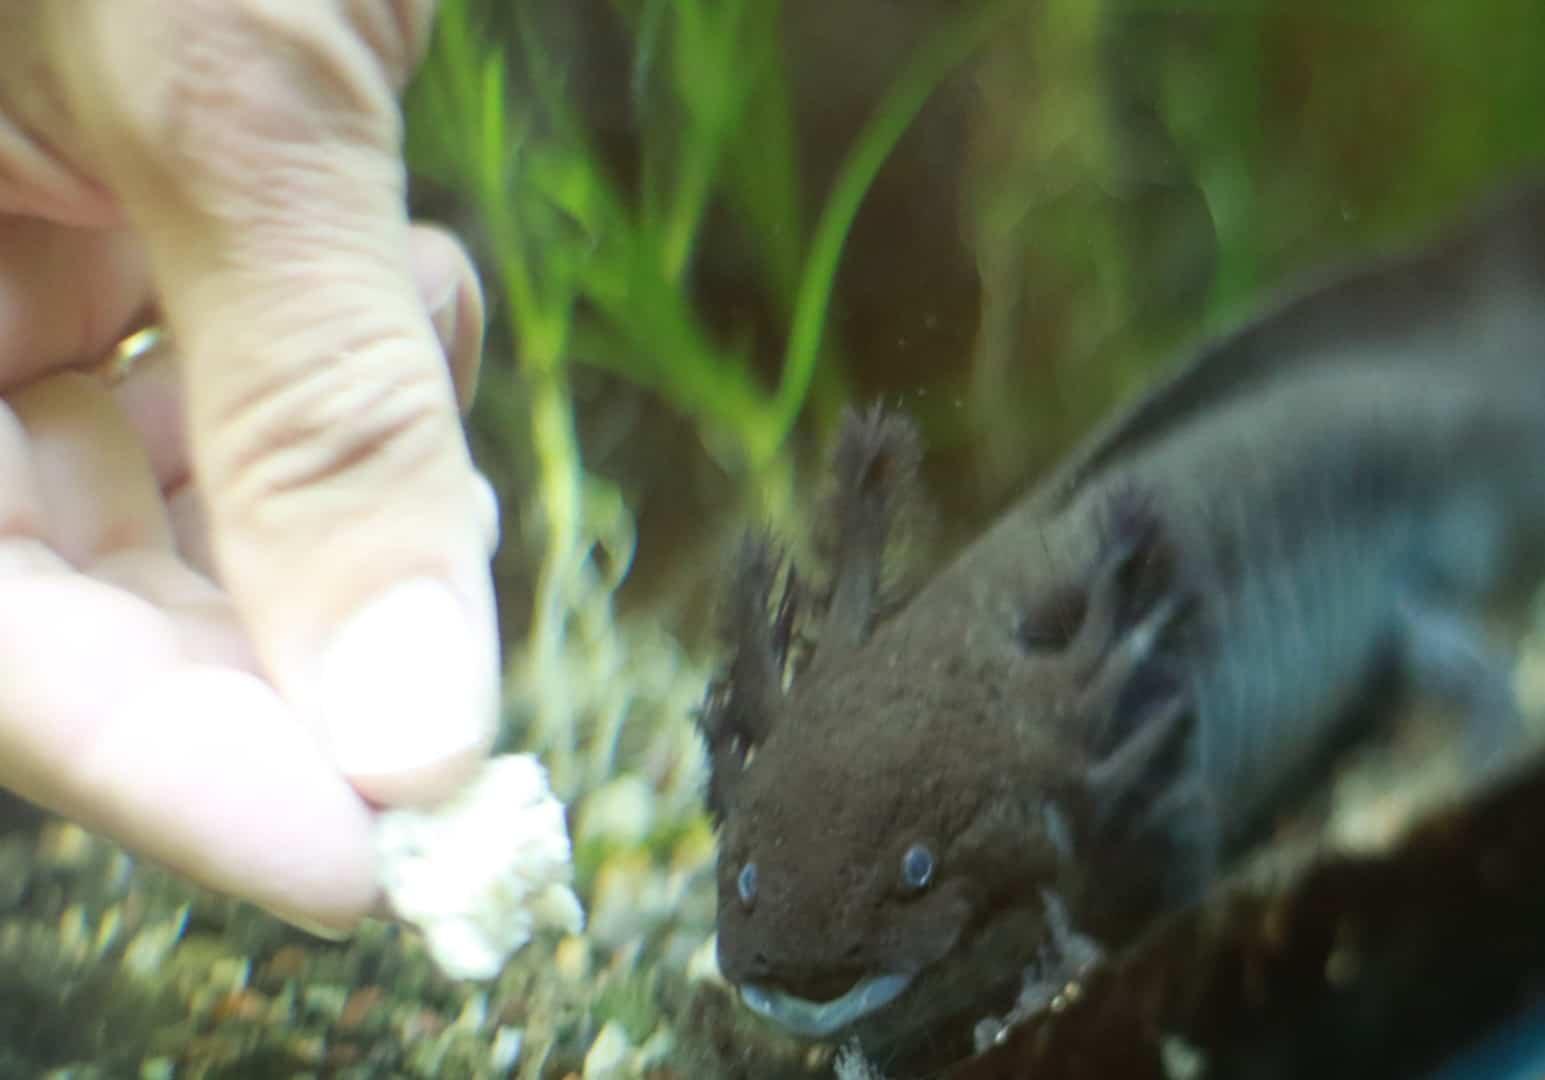 249: Die wundersamen Axolotl - Haltung und Zucht von Querzahnmolchen (Oliver Schirk) 6